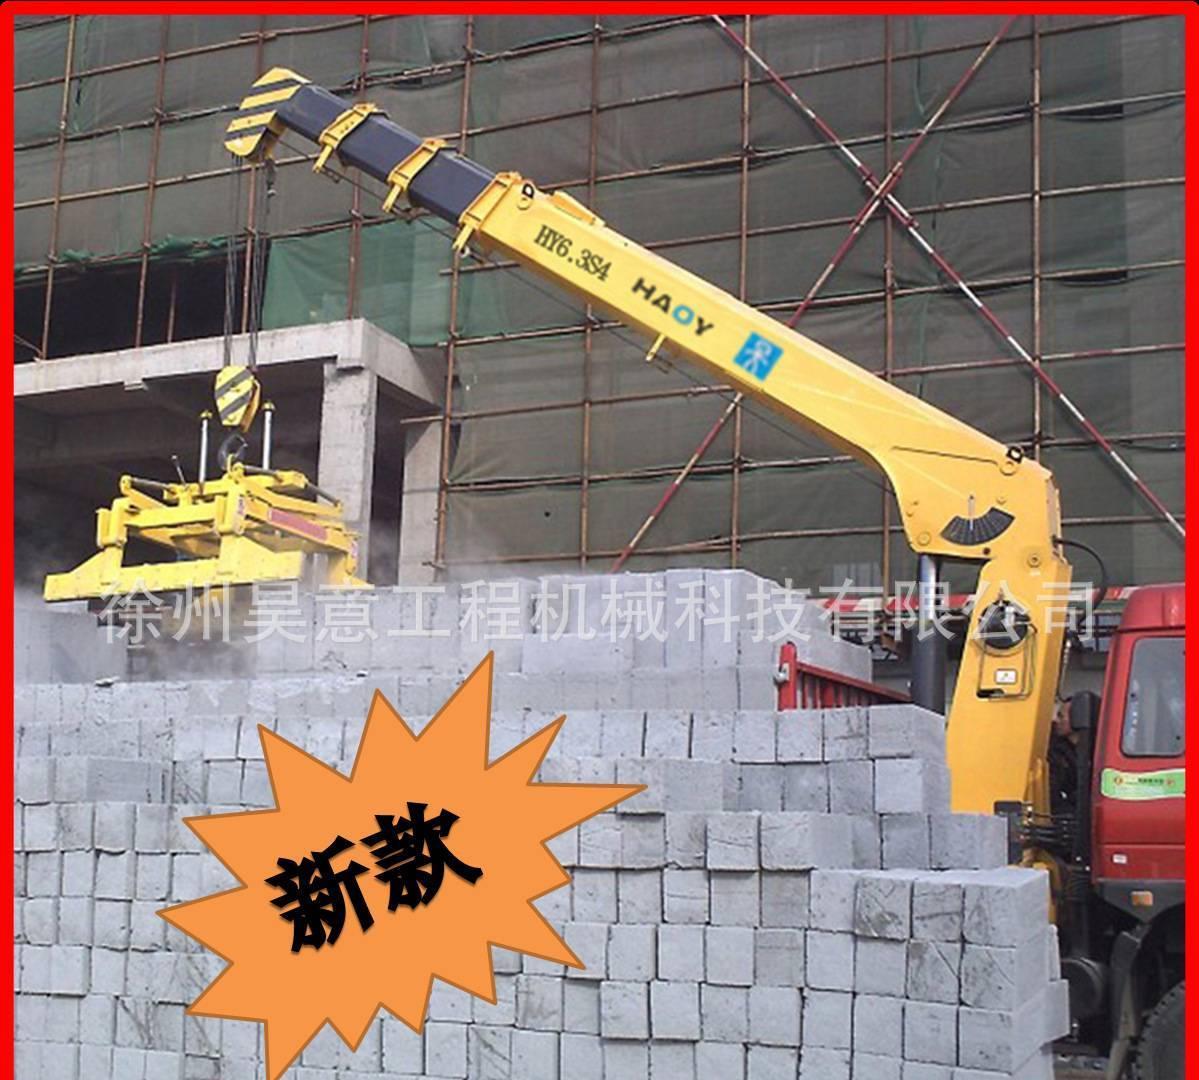 卸砖机 抱砖机械 砖厂建筑气泡砖 厂家直销